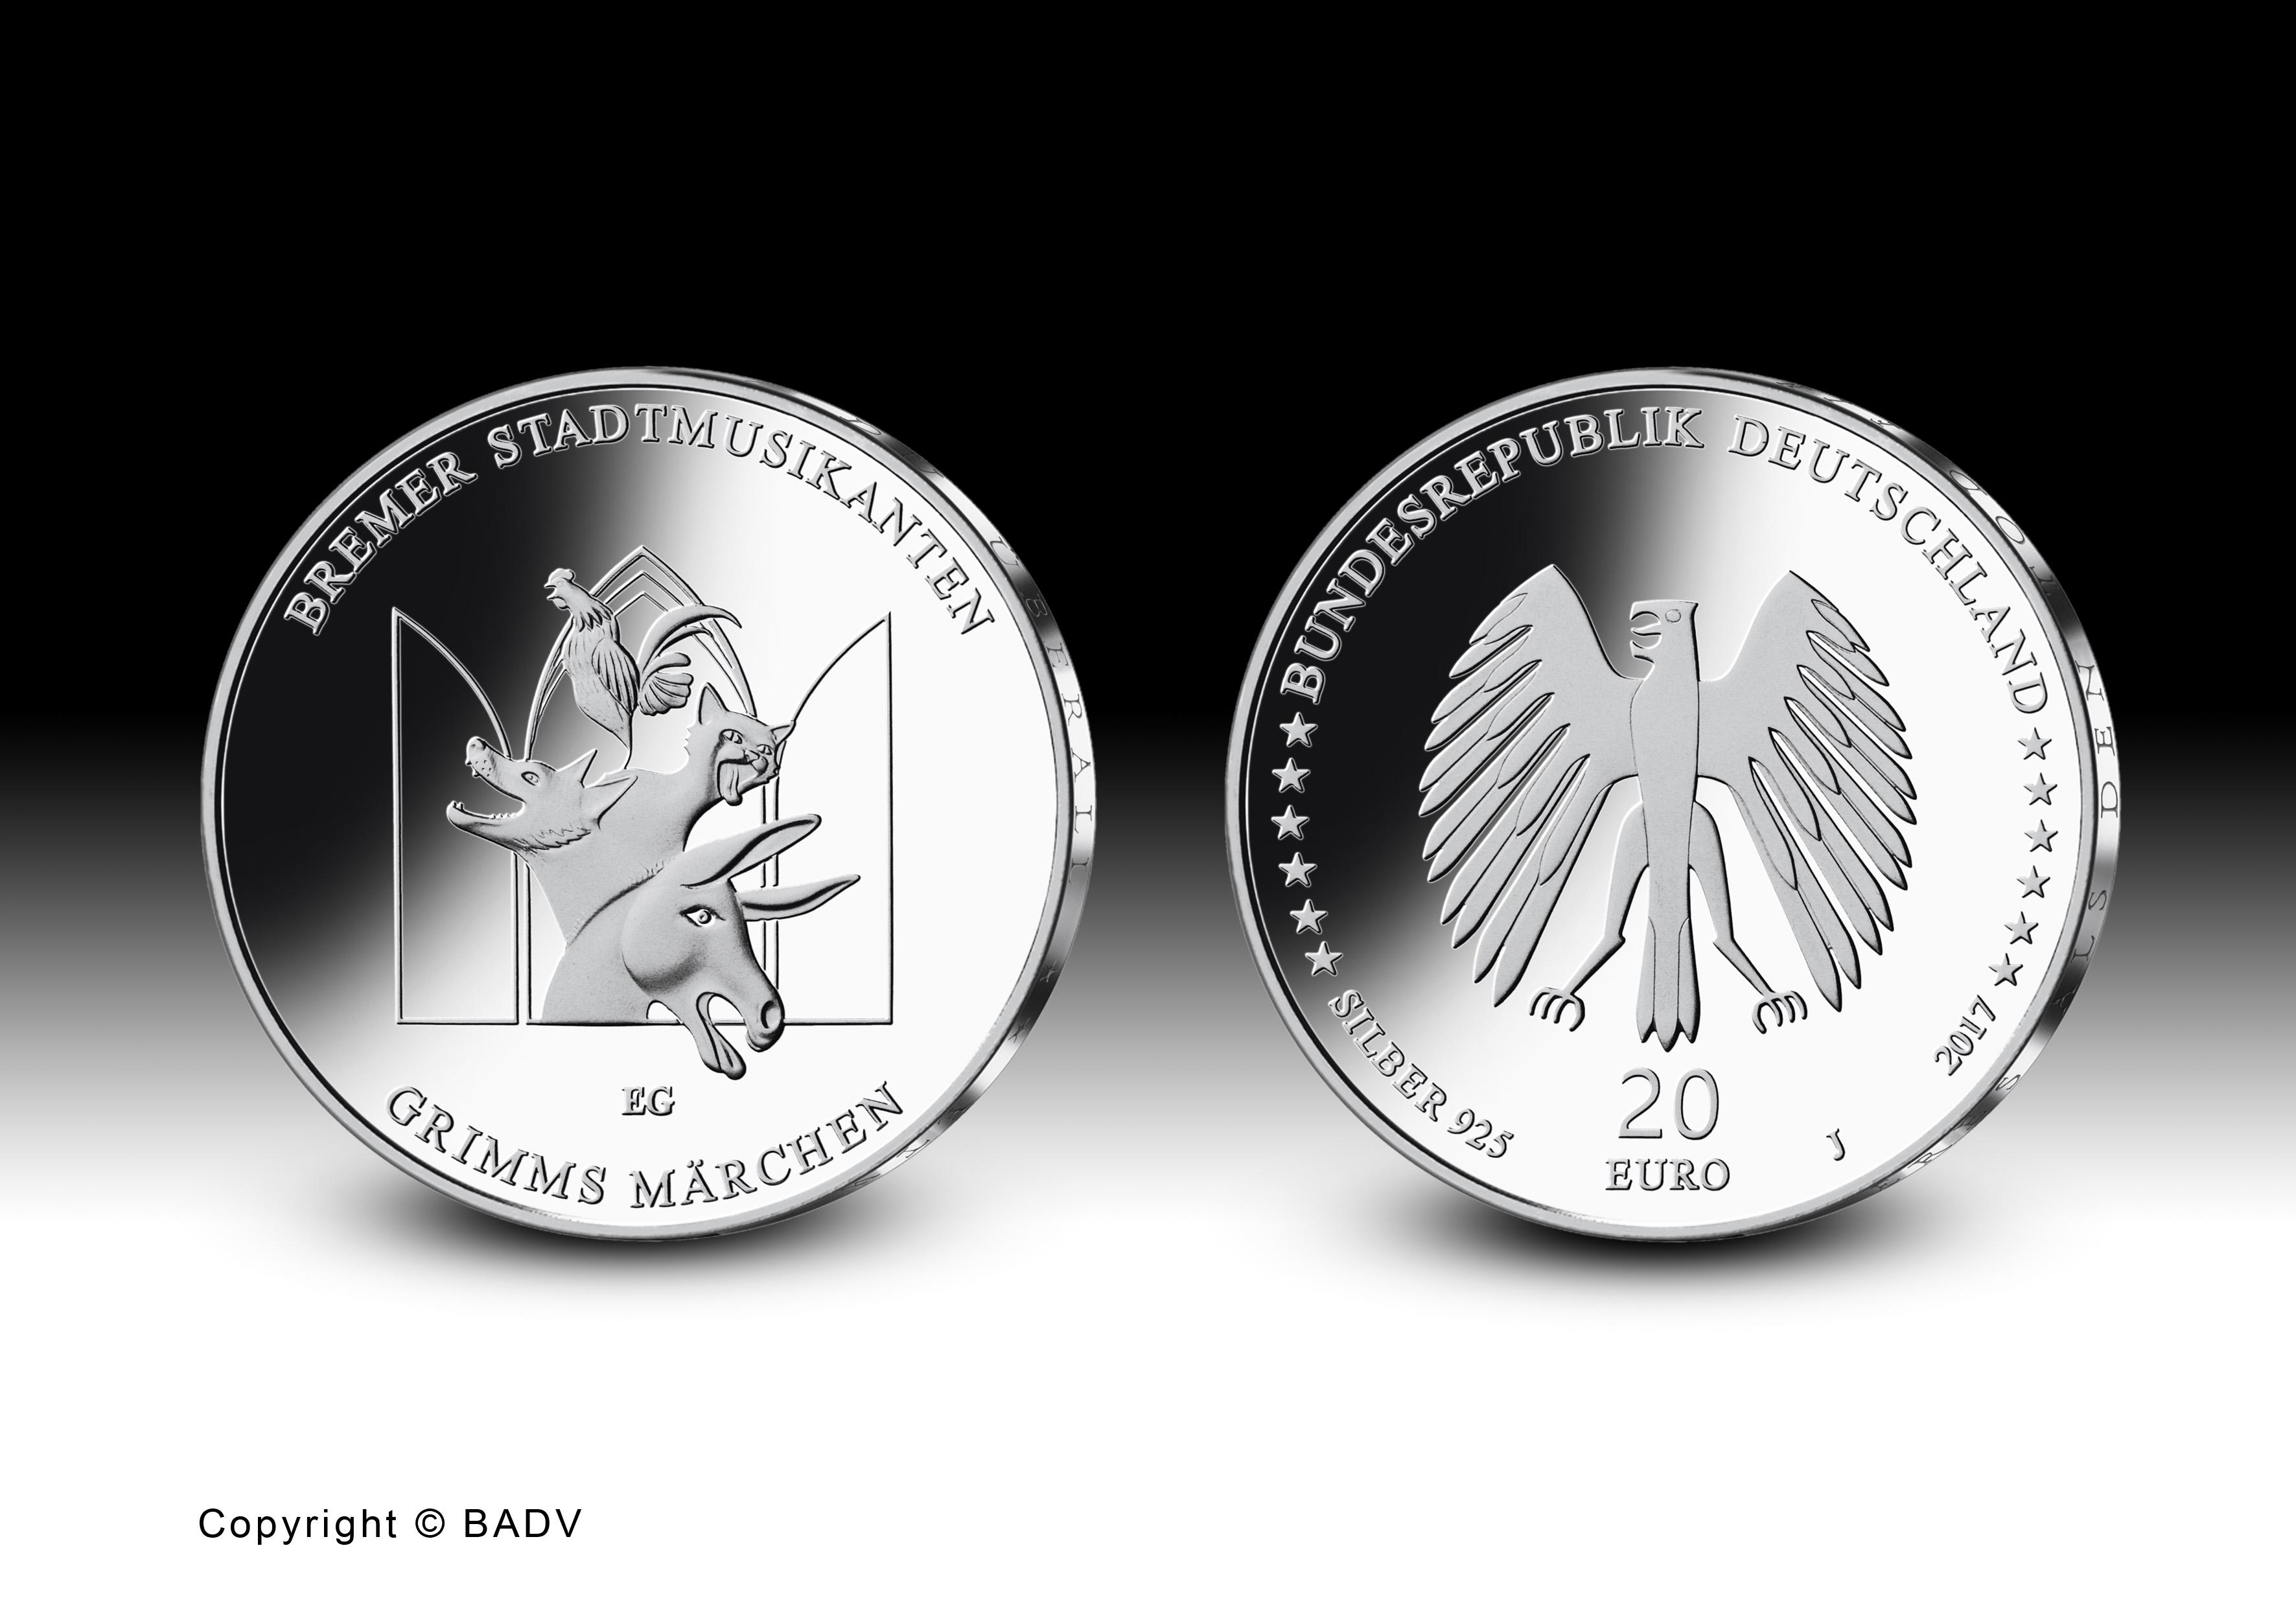 Brd Münzen 2017 Themen Motive Ausgabetermine Gedenkmünzen 2017